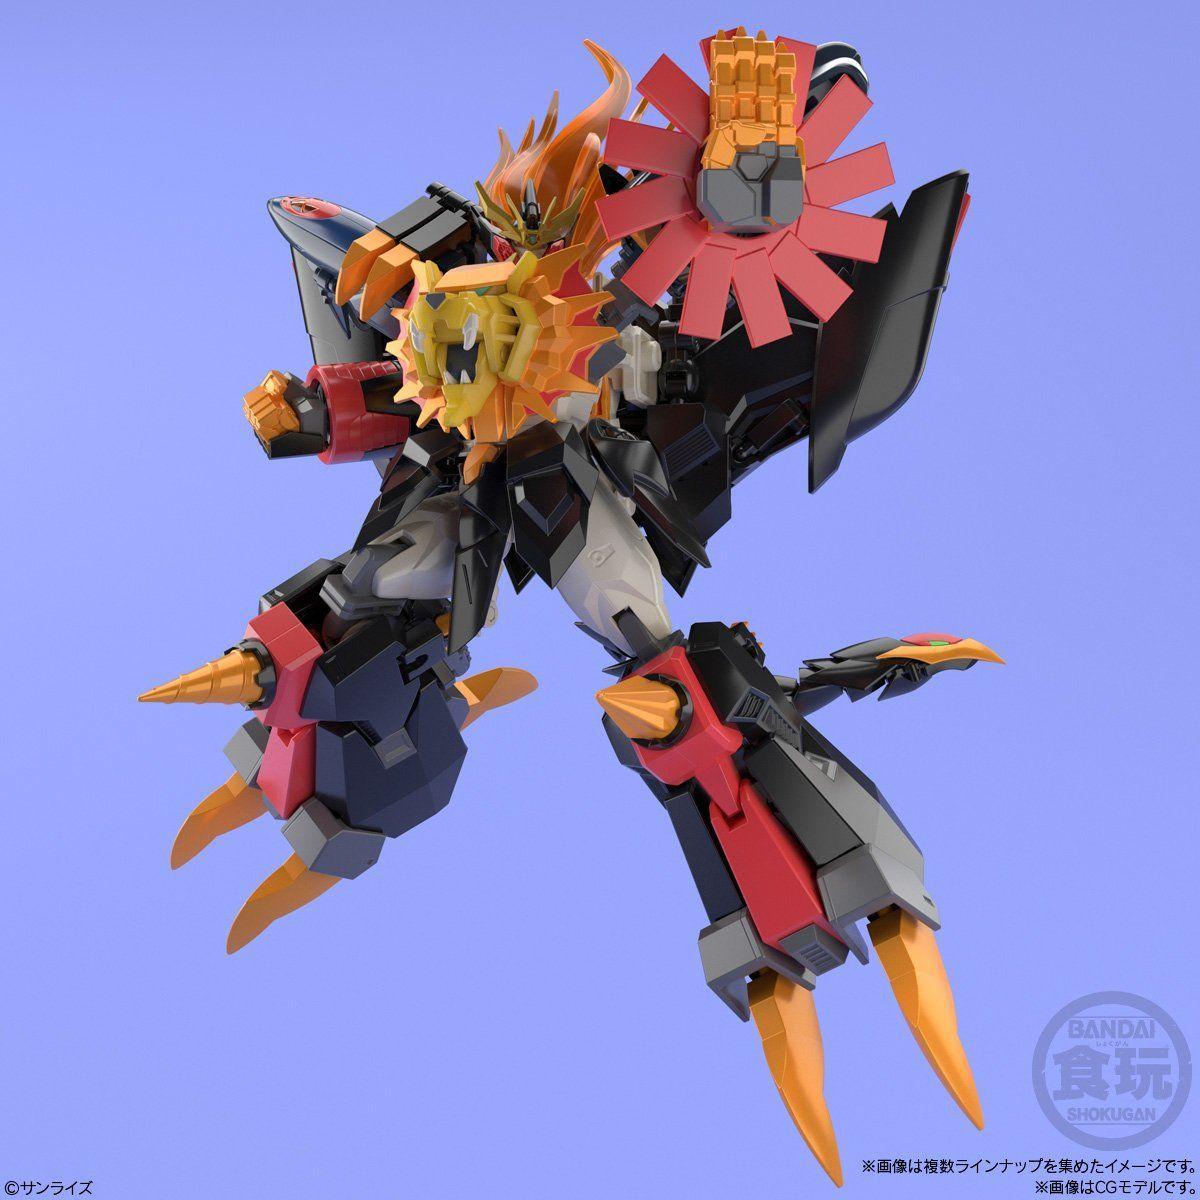 【食玩】スーパーミニプラ『勇者王ガオガイガー6』ジェネシックガオガイガー プラモデル 4個入りBOX-008